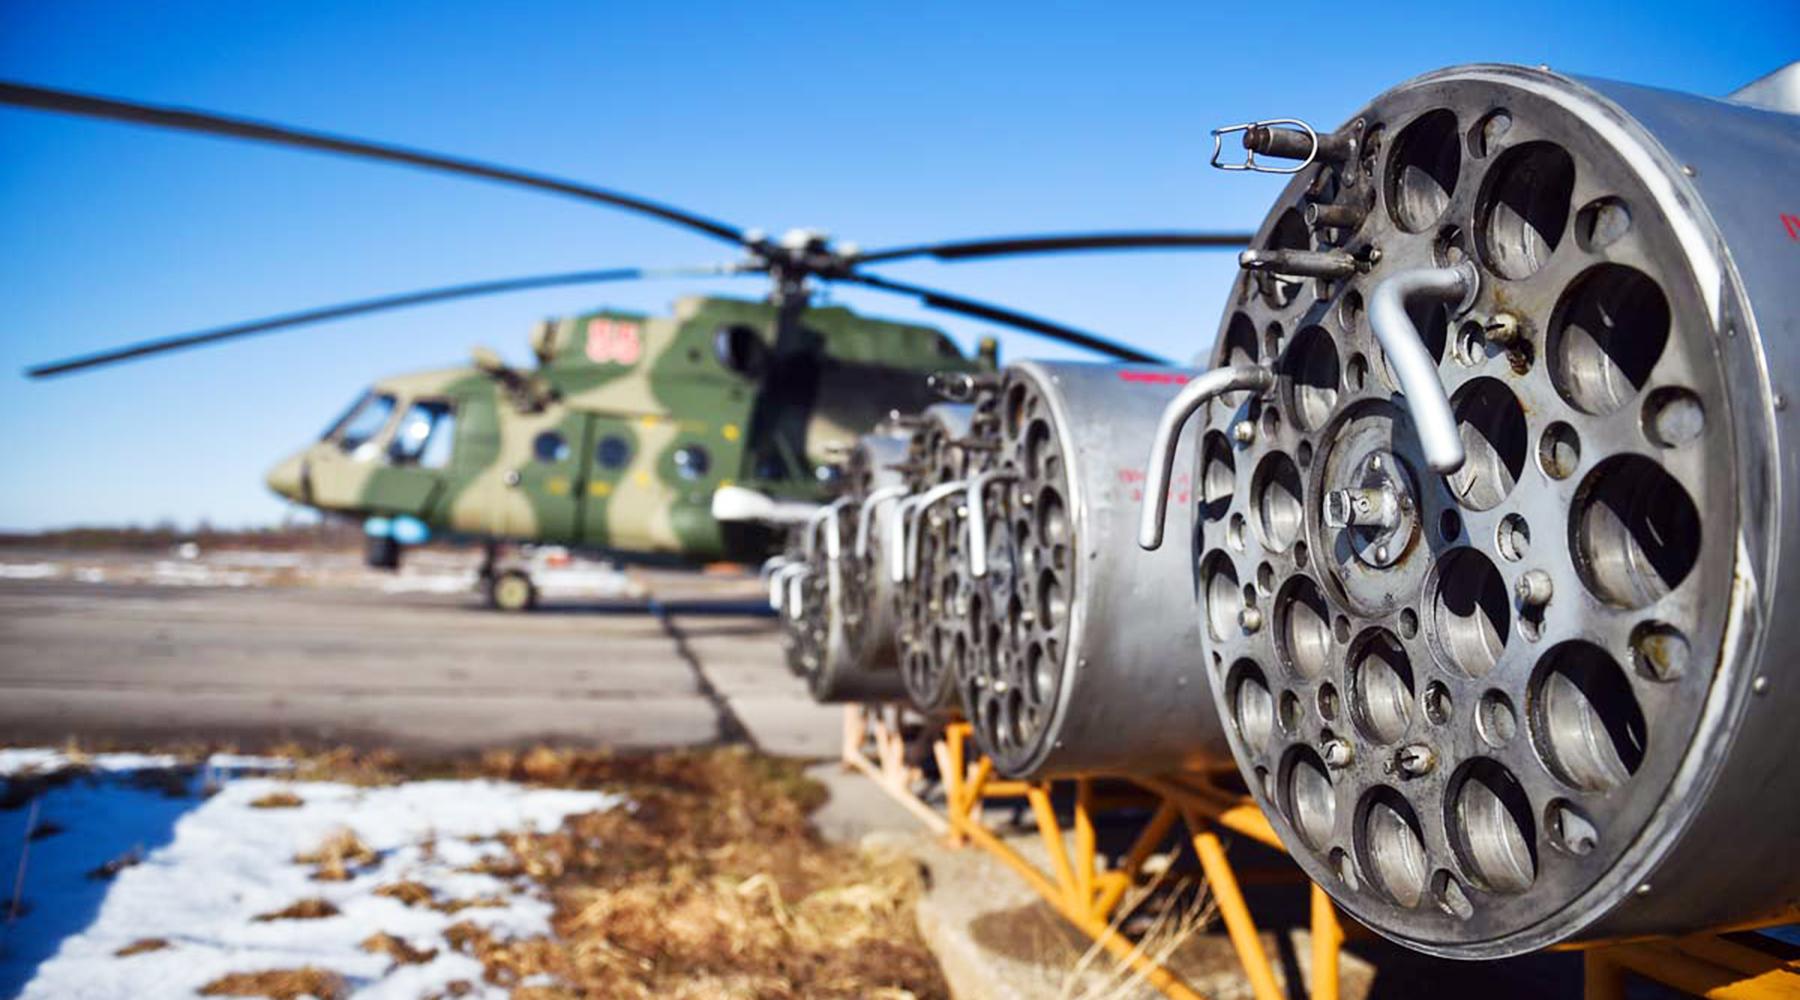 «Лёгкое и мобильное средство поражения»: зачем в России создаётся малокалиберная система залпового огня1